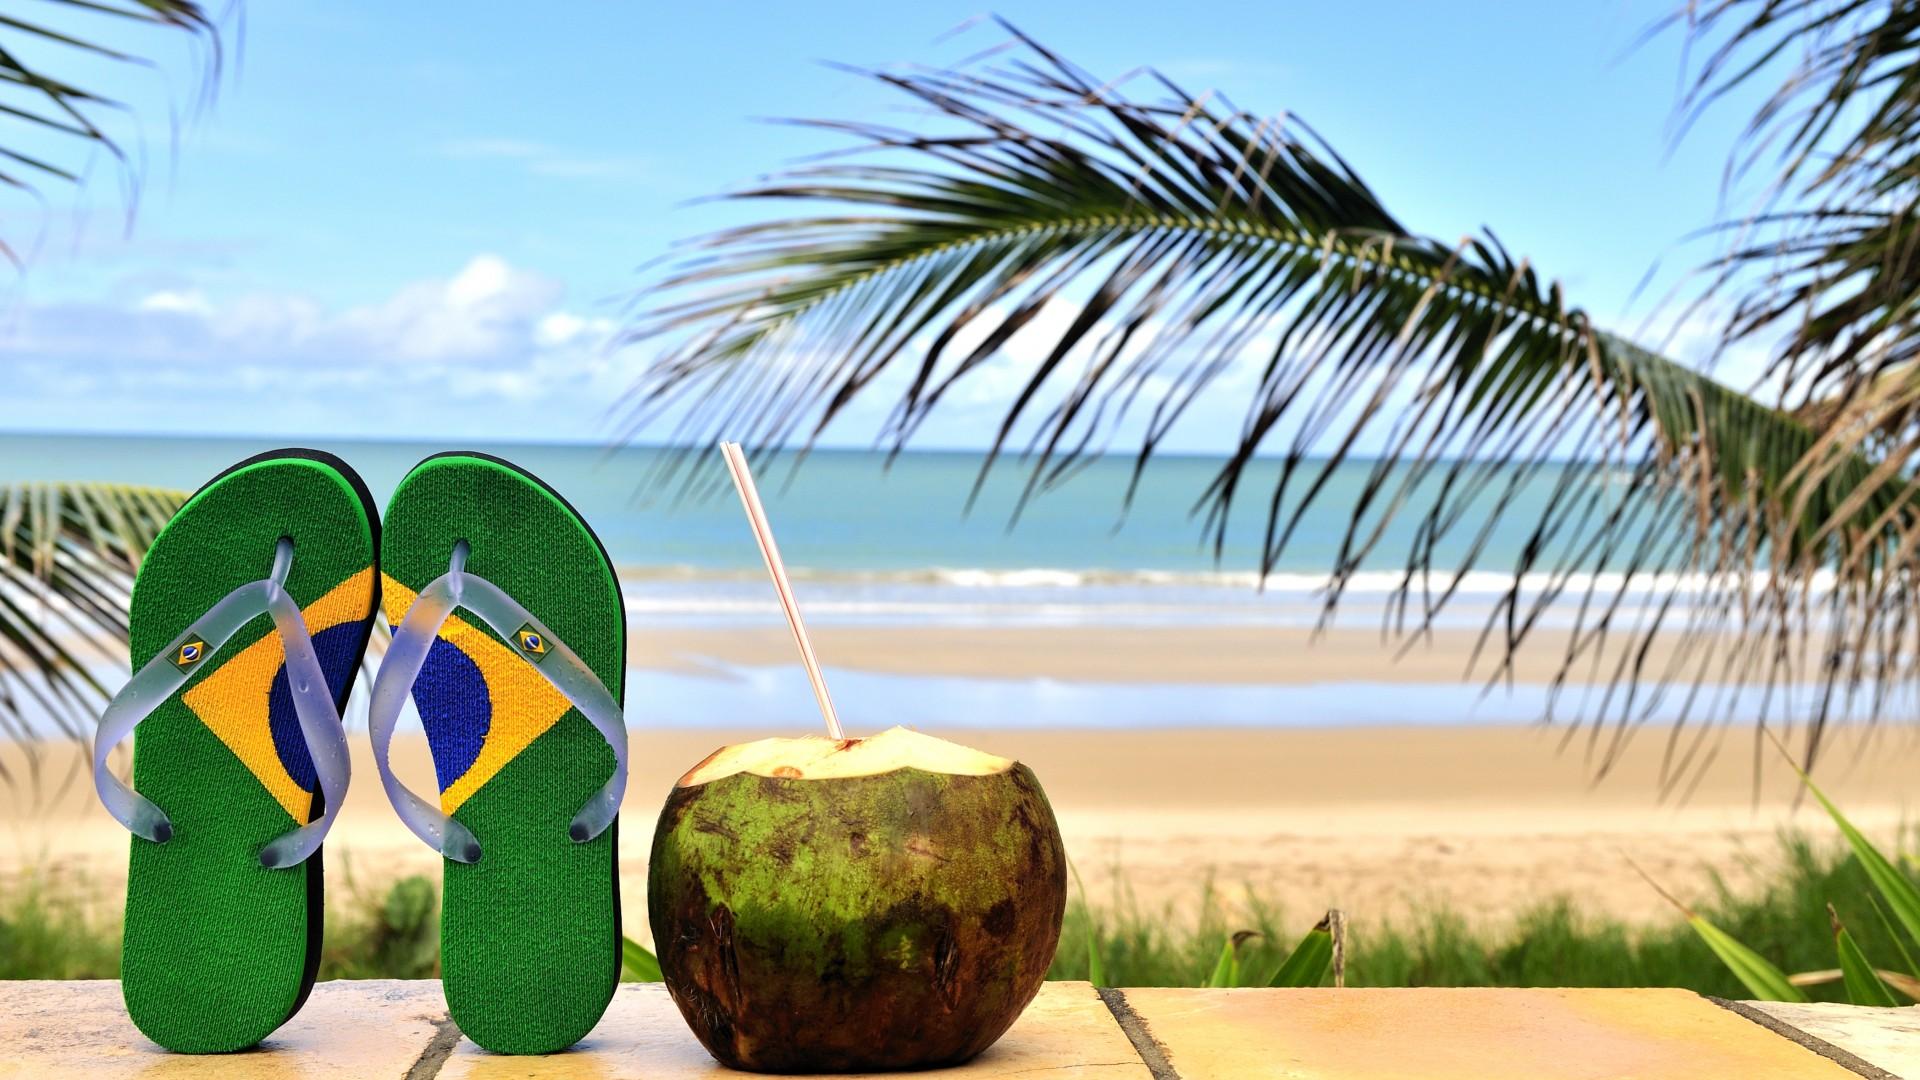 stefano gentile - brasile brasile brasiliana